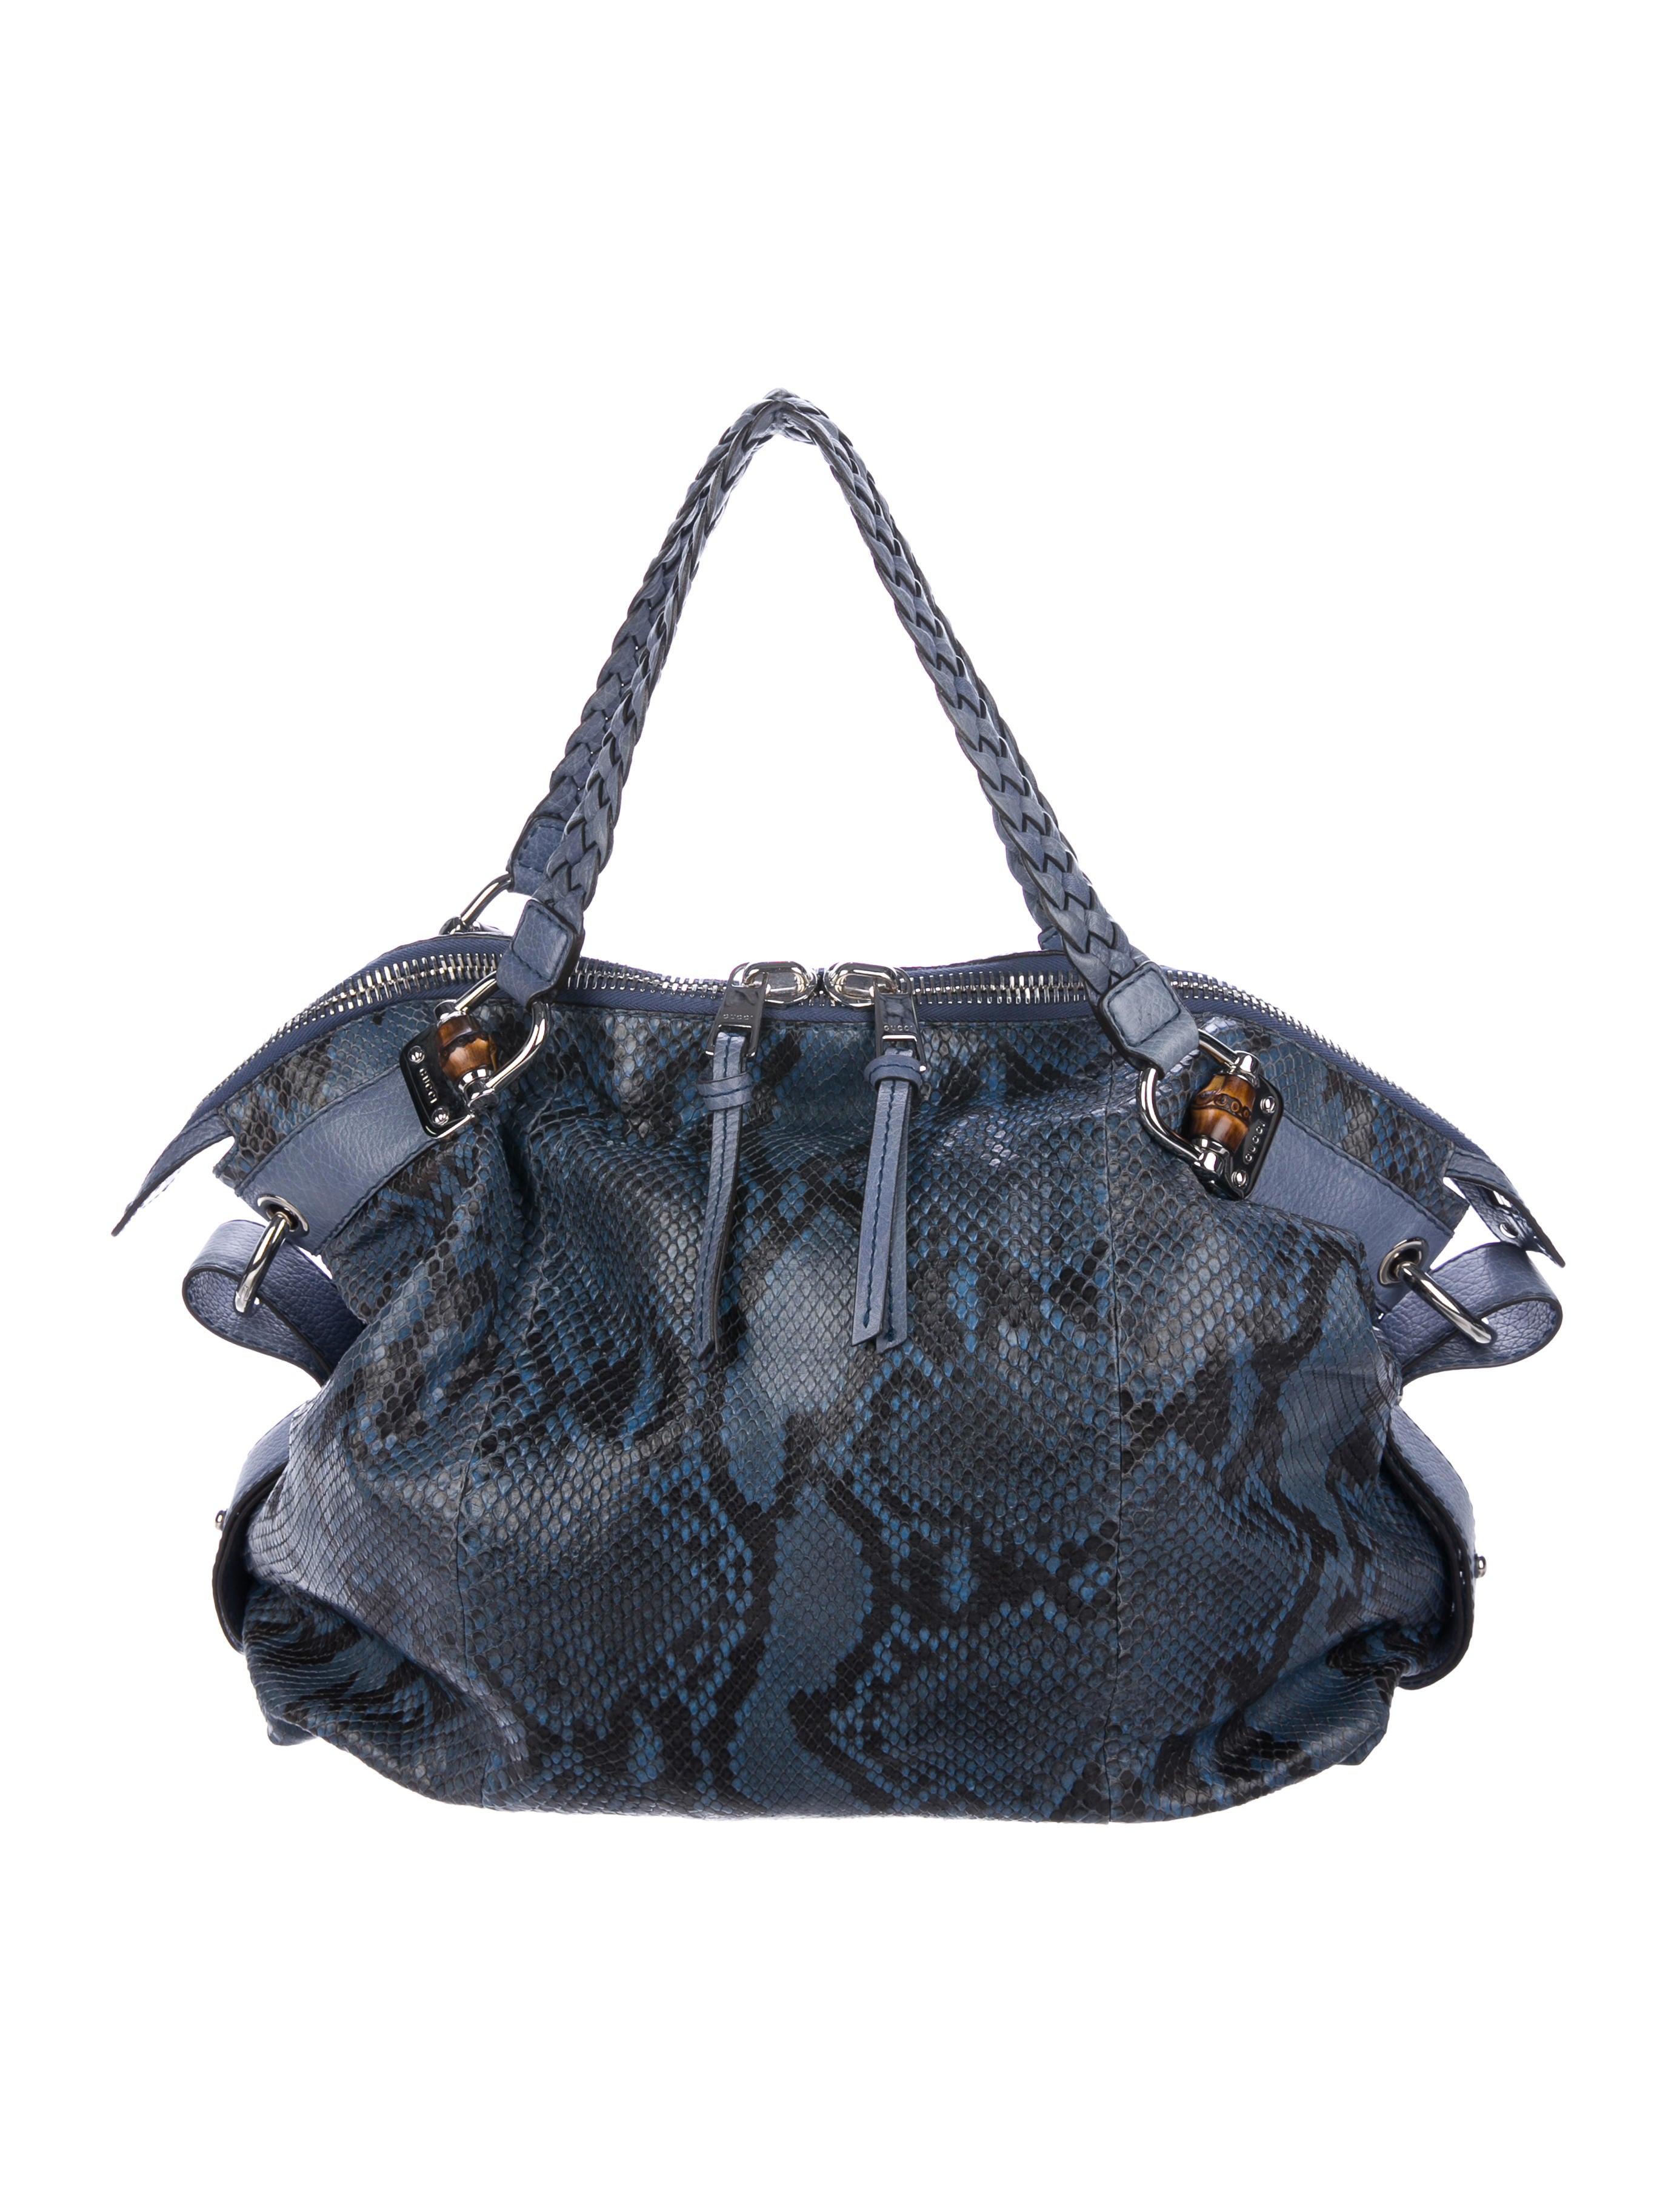 3b74b8aa518c Gucci Python Bamboo Bar Tote - Handbags - GUC219381 | The RealReal